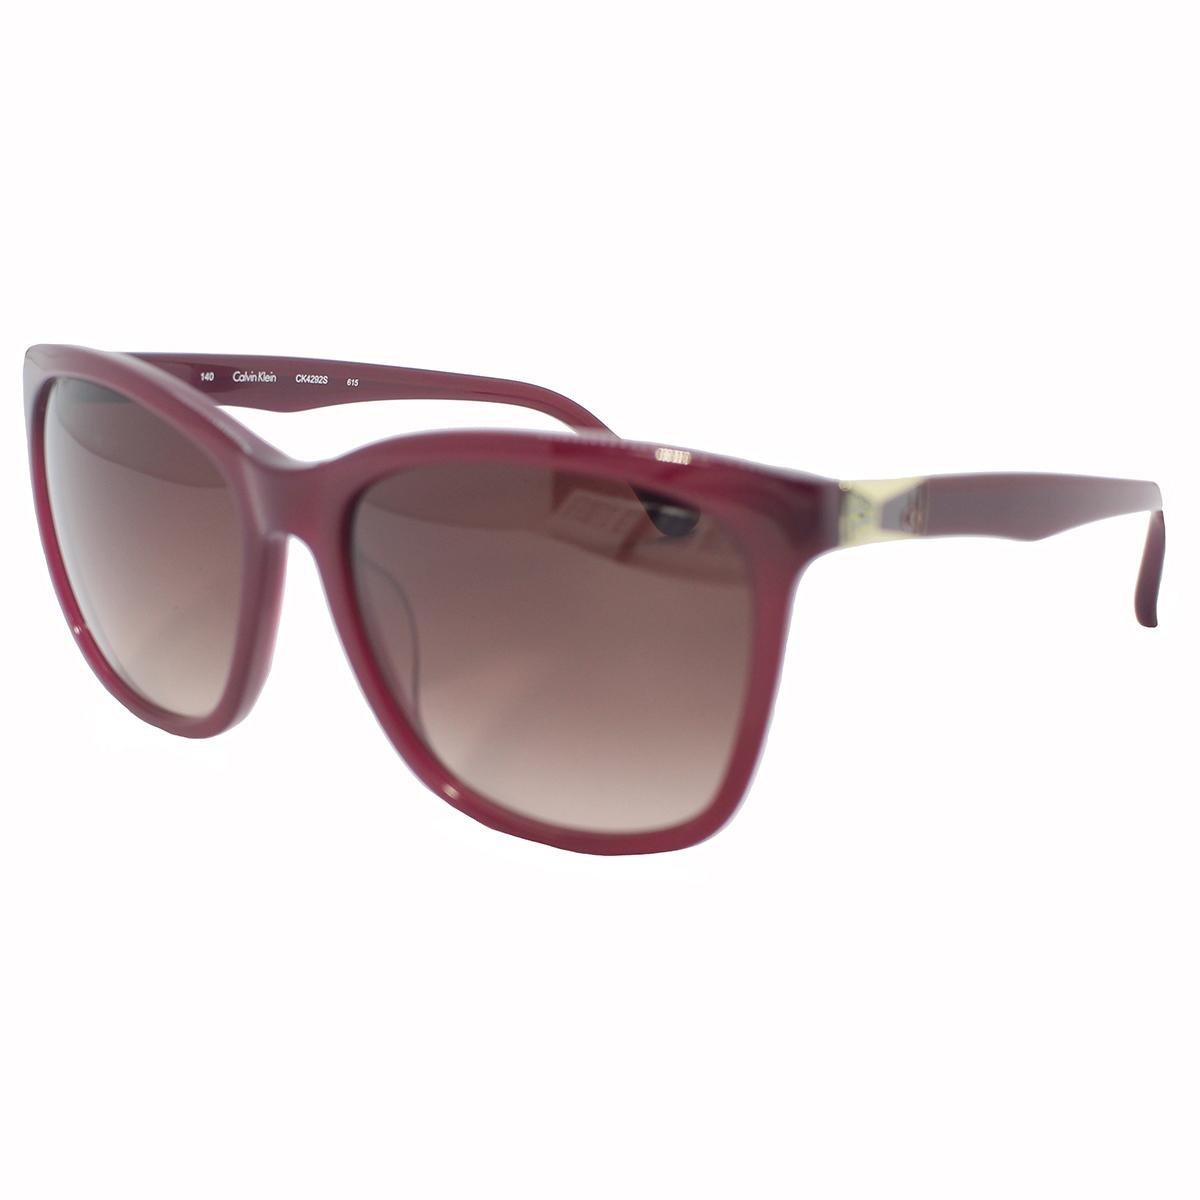 Óculos Calvin Klein - Compre Agora   Zattini a0843dacdf